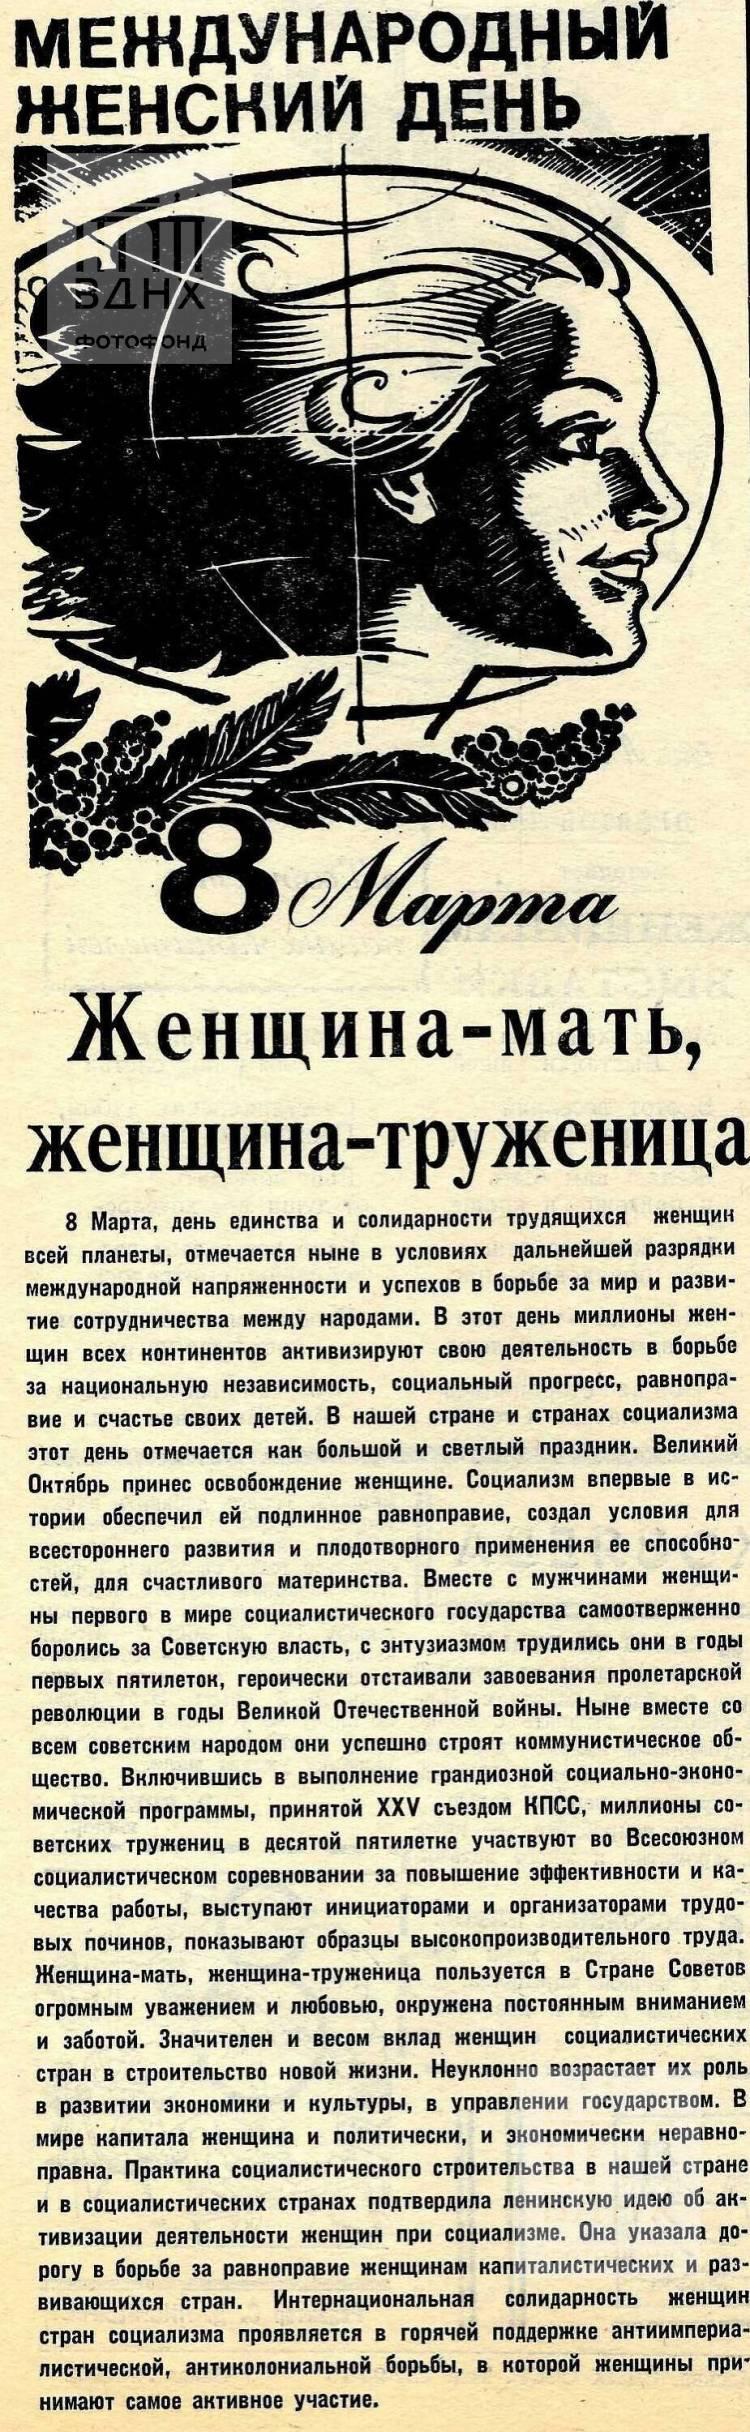 """""""Женщина - мать, женщина - труженица"""". 1977, №16"""